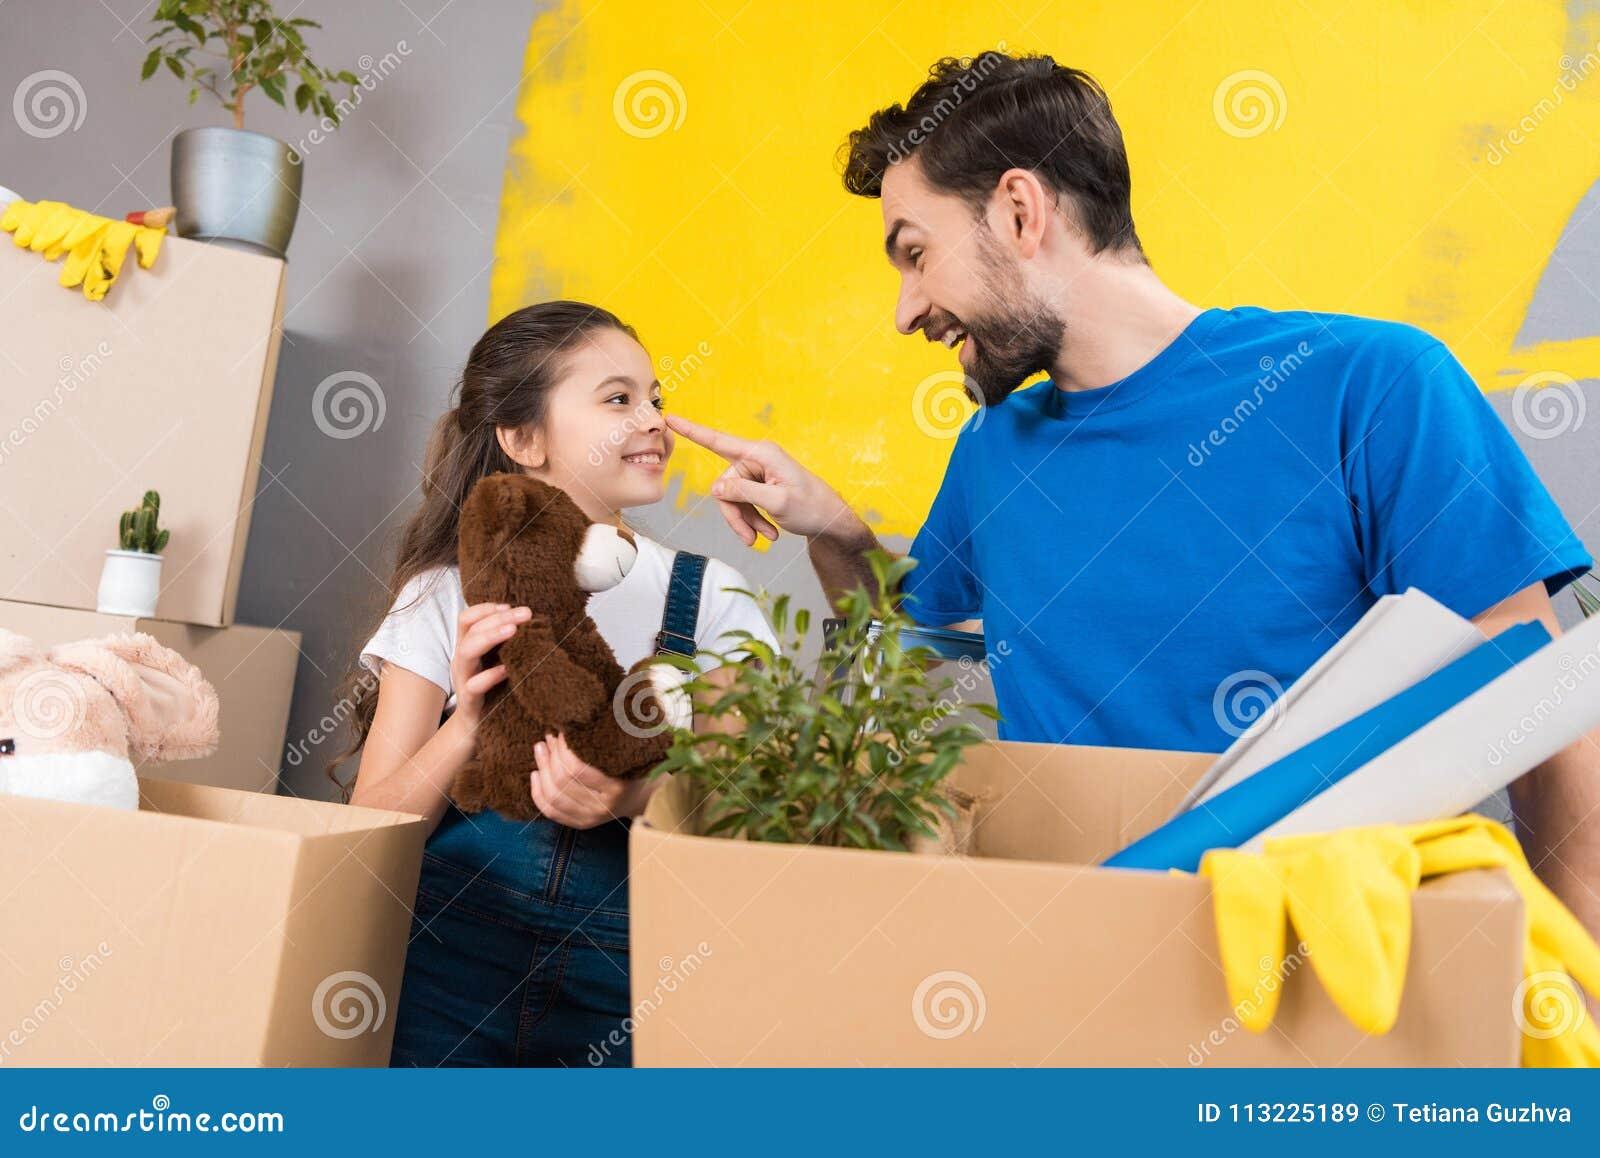 Szczęśliwa mała dziewczynka z pudełkiem mokiet bawi się spojrzenia przy ojcem który zaczynał naprawę w domu